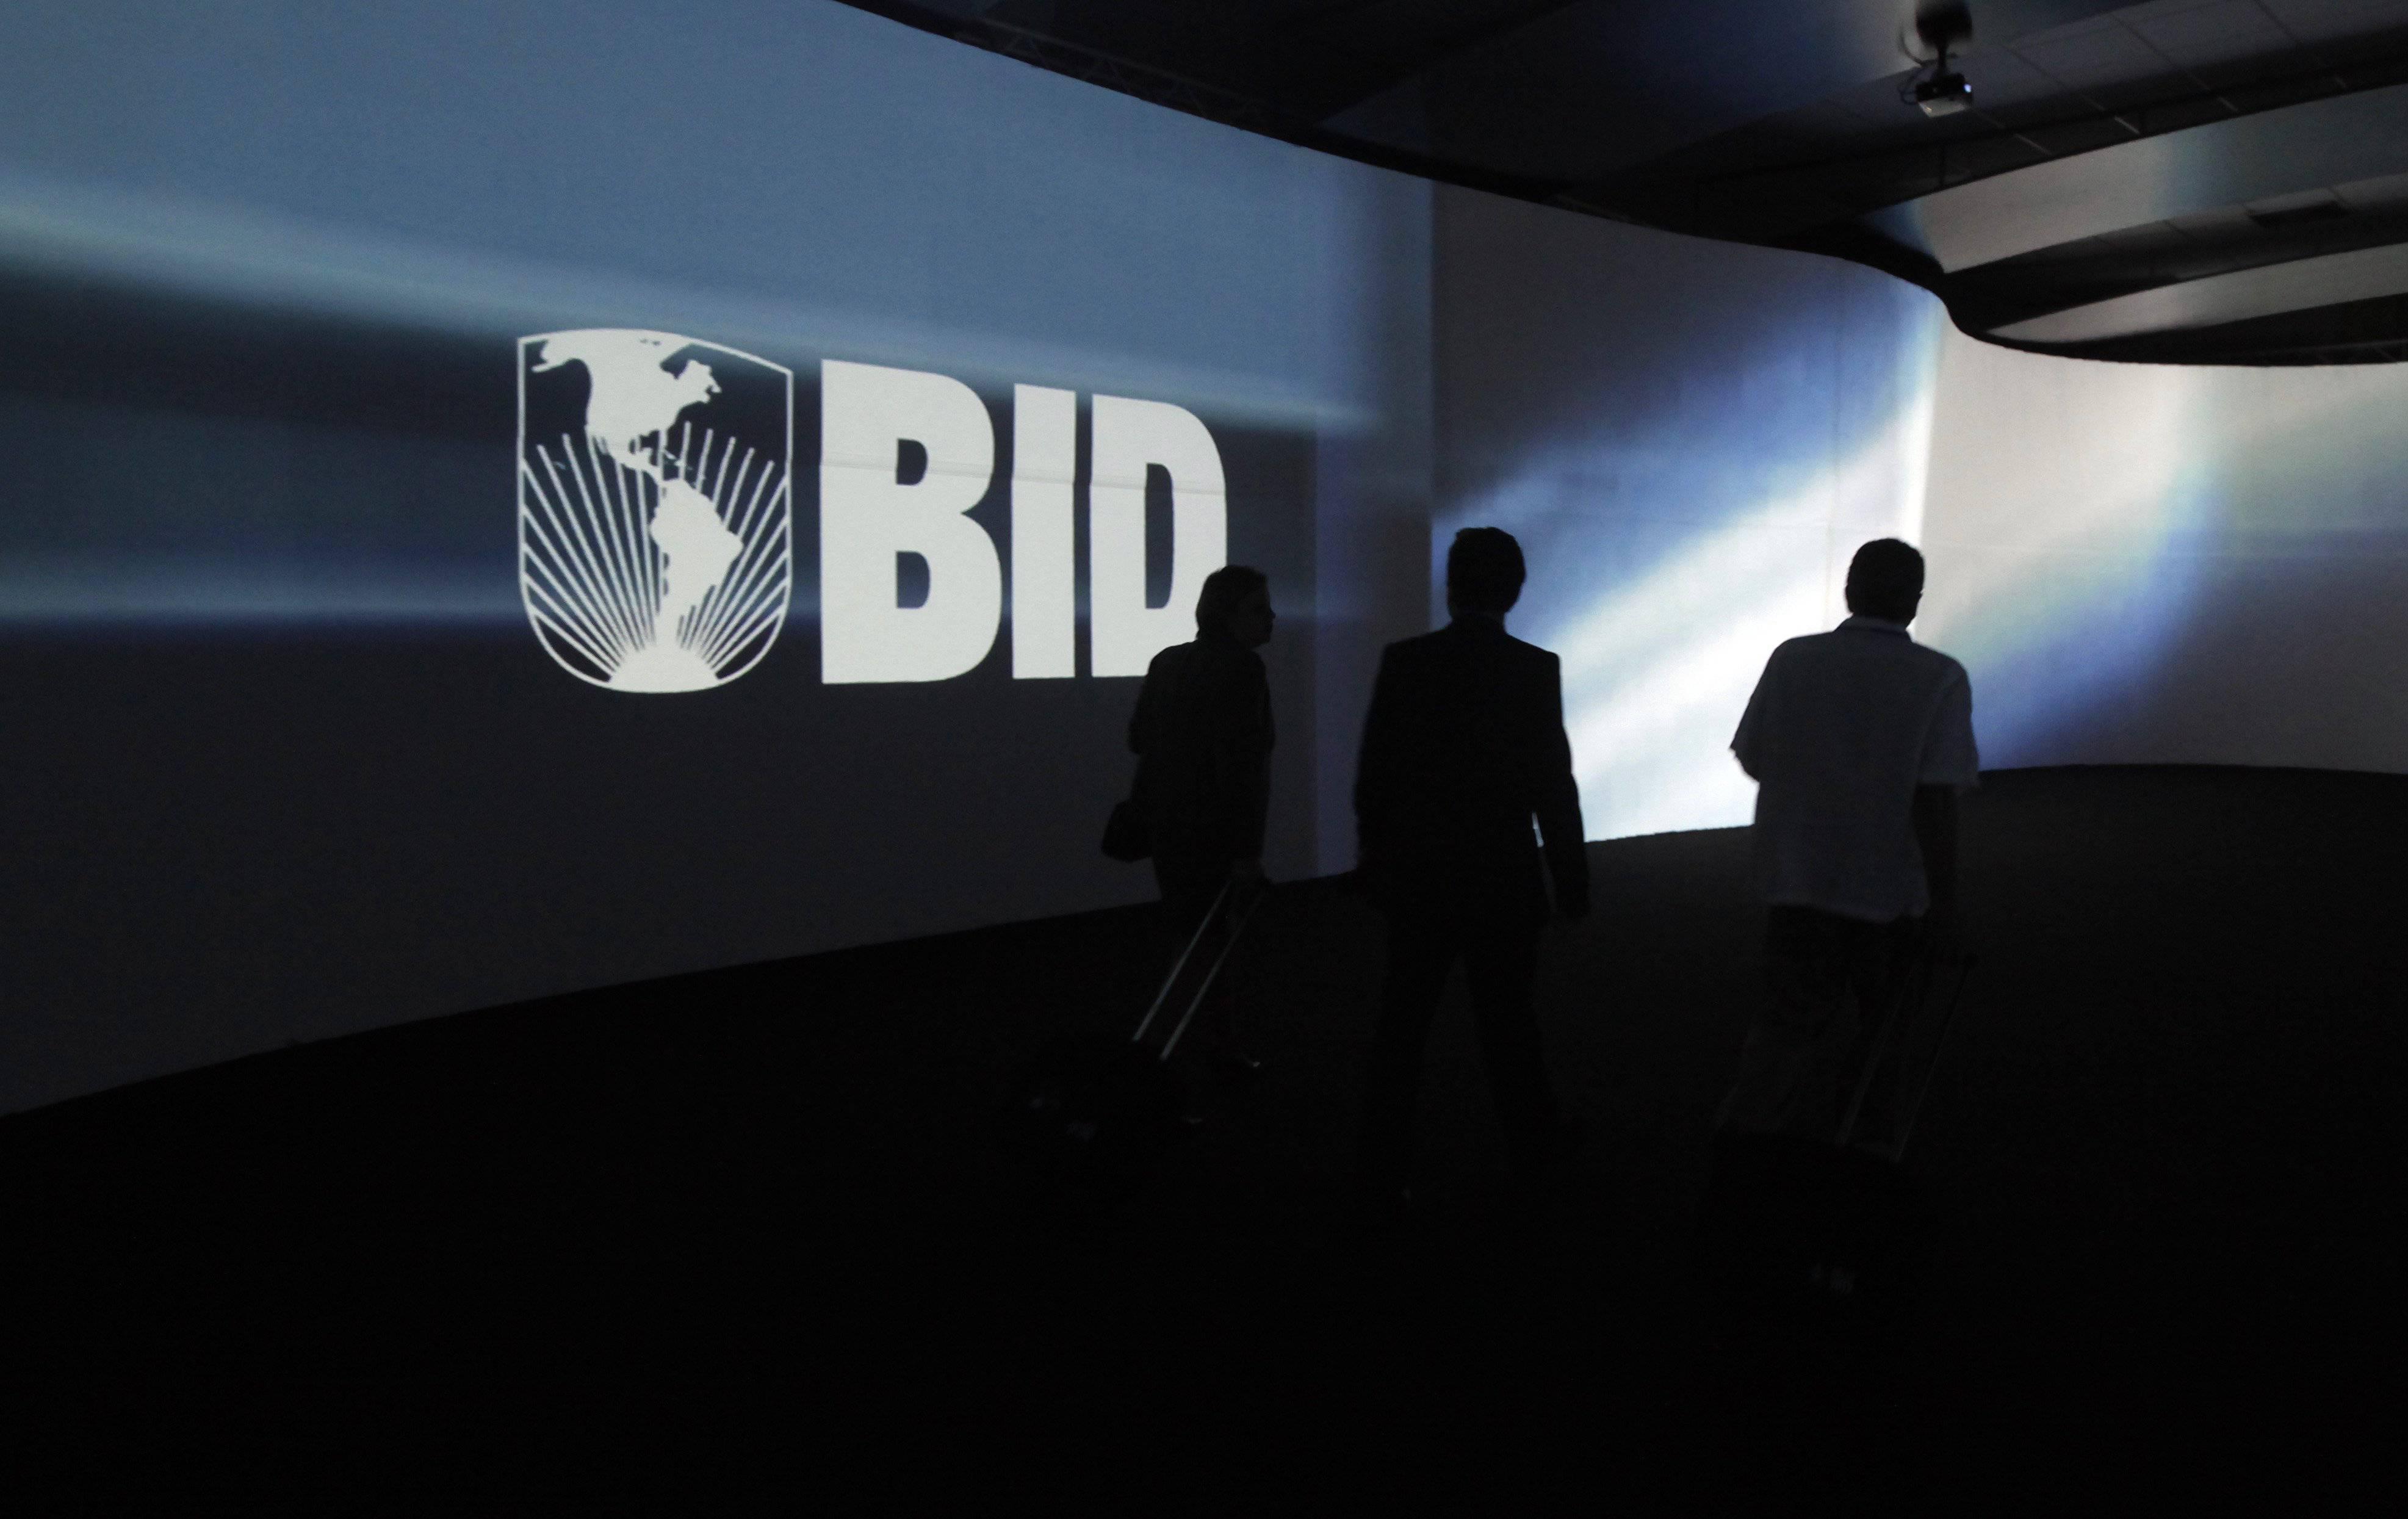 Venezuela deberá abonar 88 millones de dólares para regular la situación de pagos atrasados con el BID.